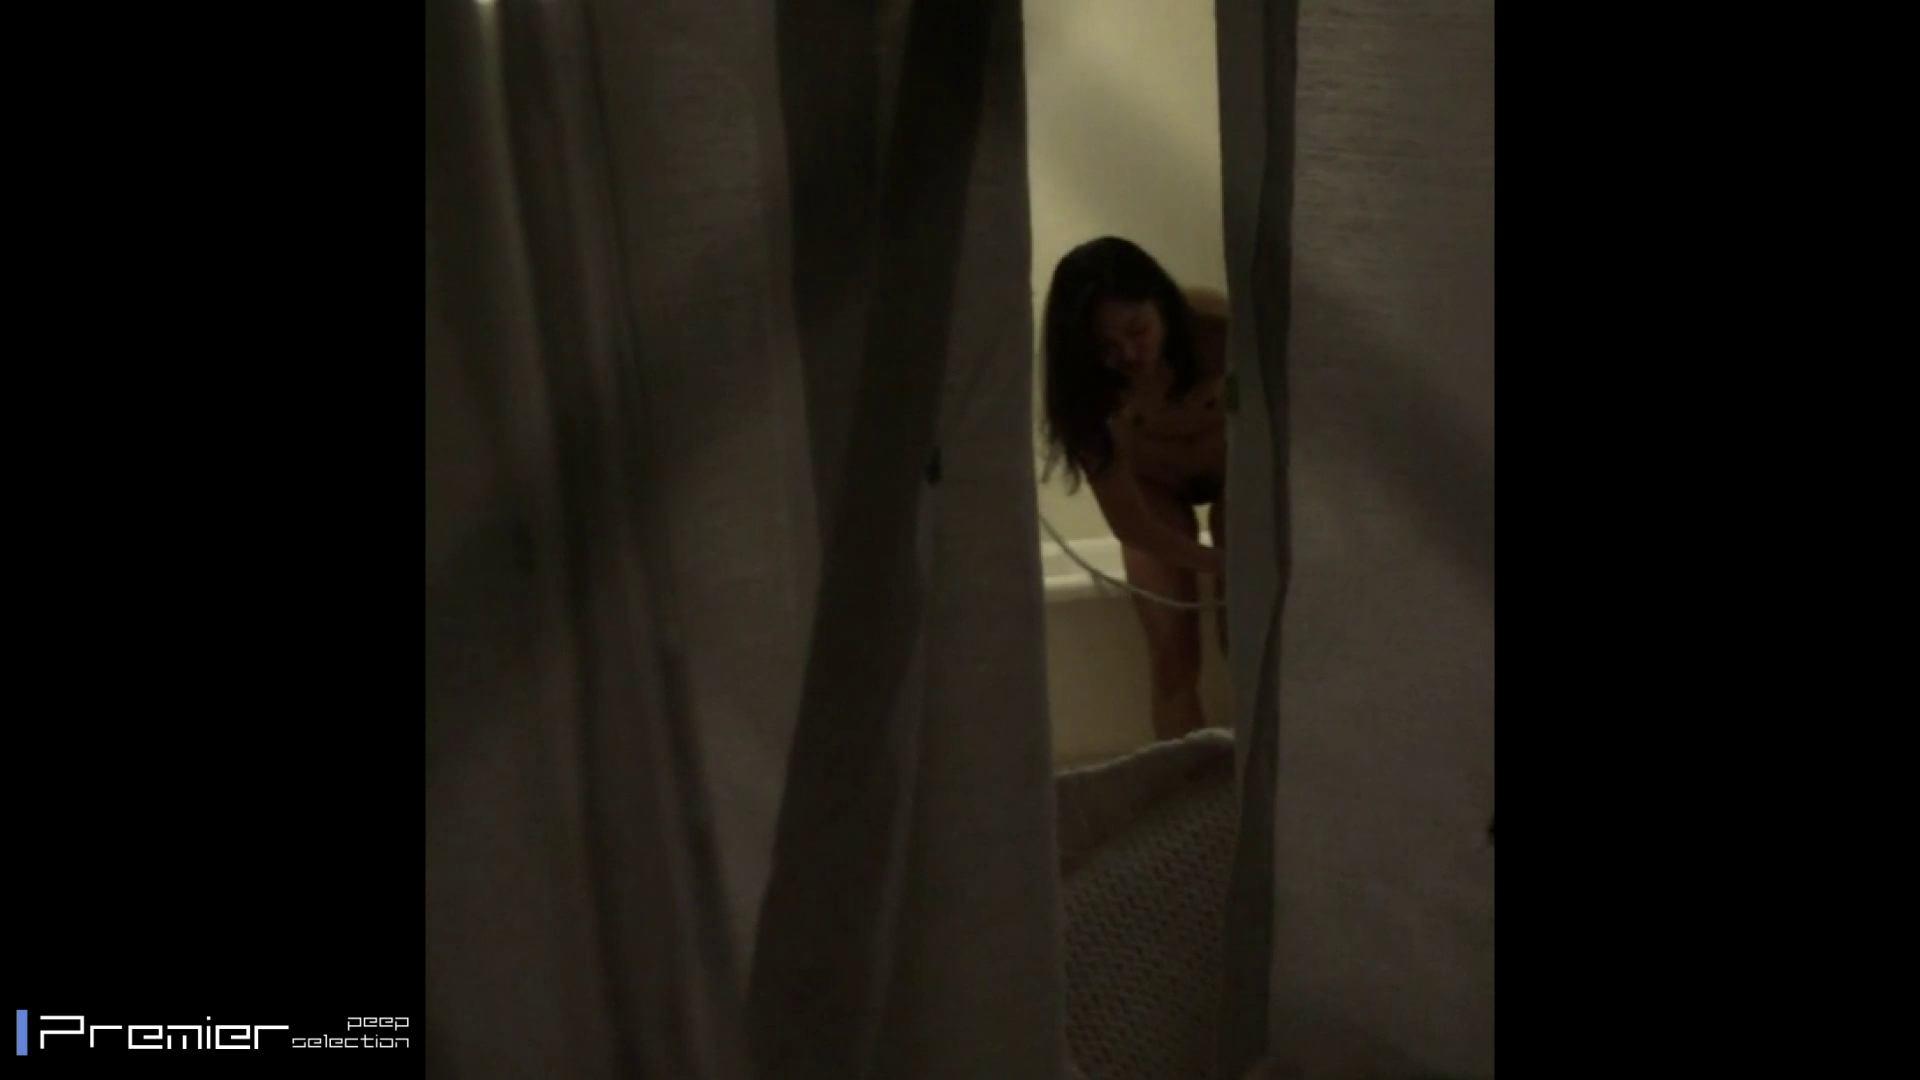 美女達の私生活に潜入!現役美人モデルの入浴シーン 美人コレクション | 入浴シーン  48連発 3